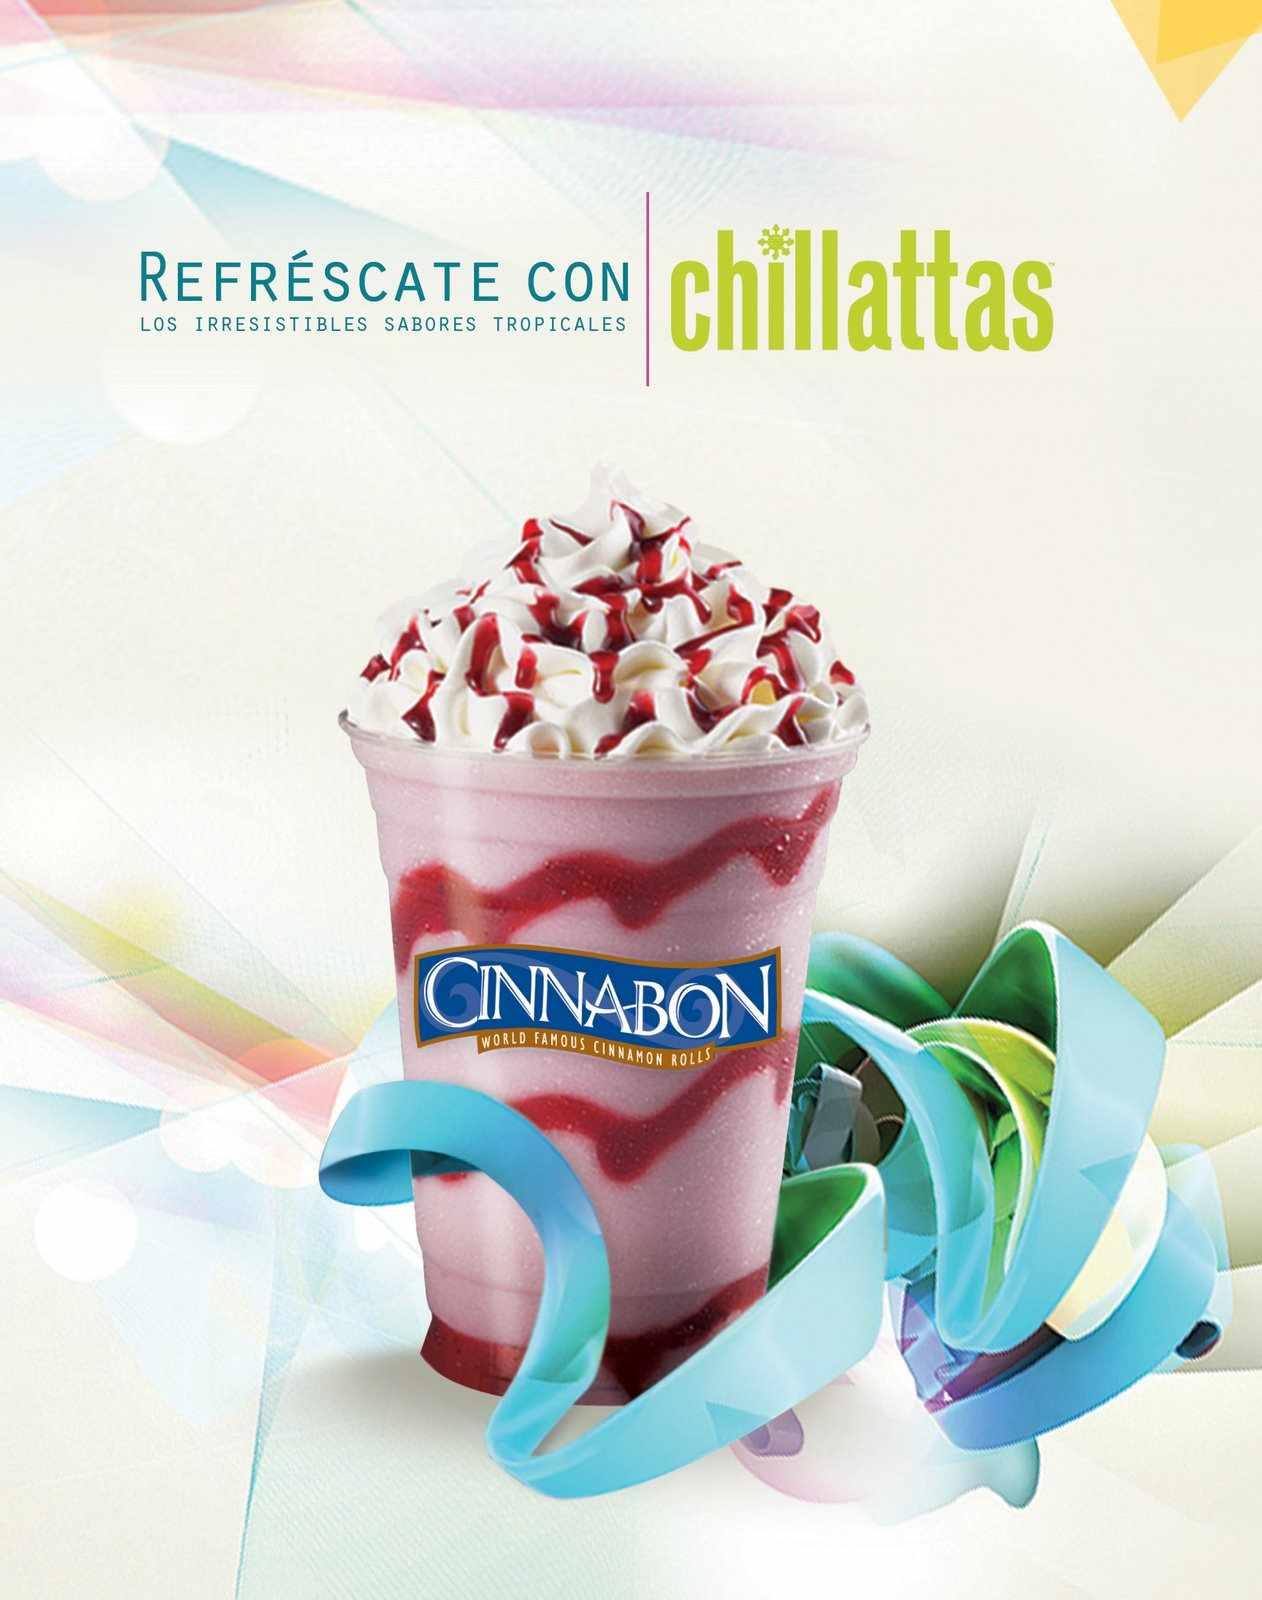 Cinnabon Chillata